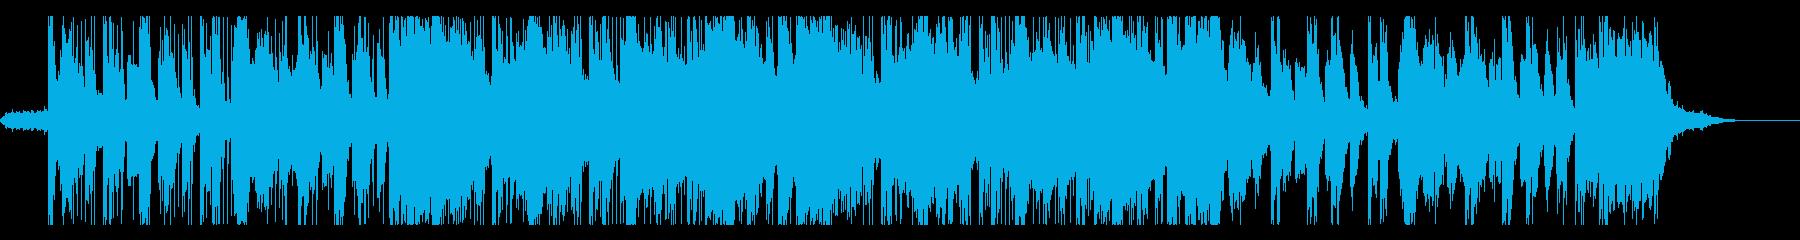 チェロとコントラバスのホラー風trapの再生済みの波形